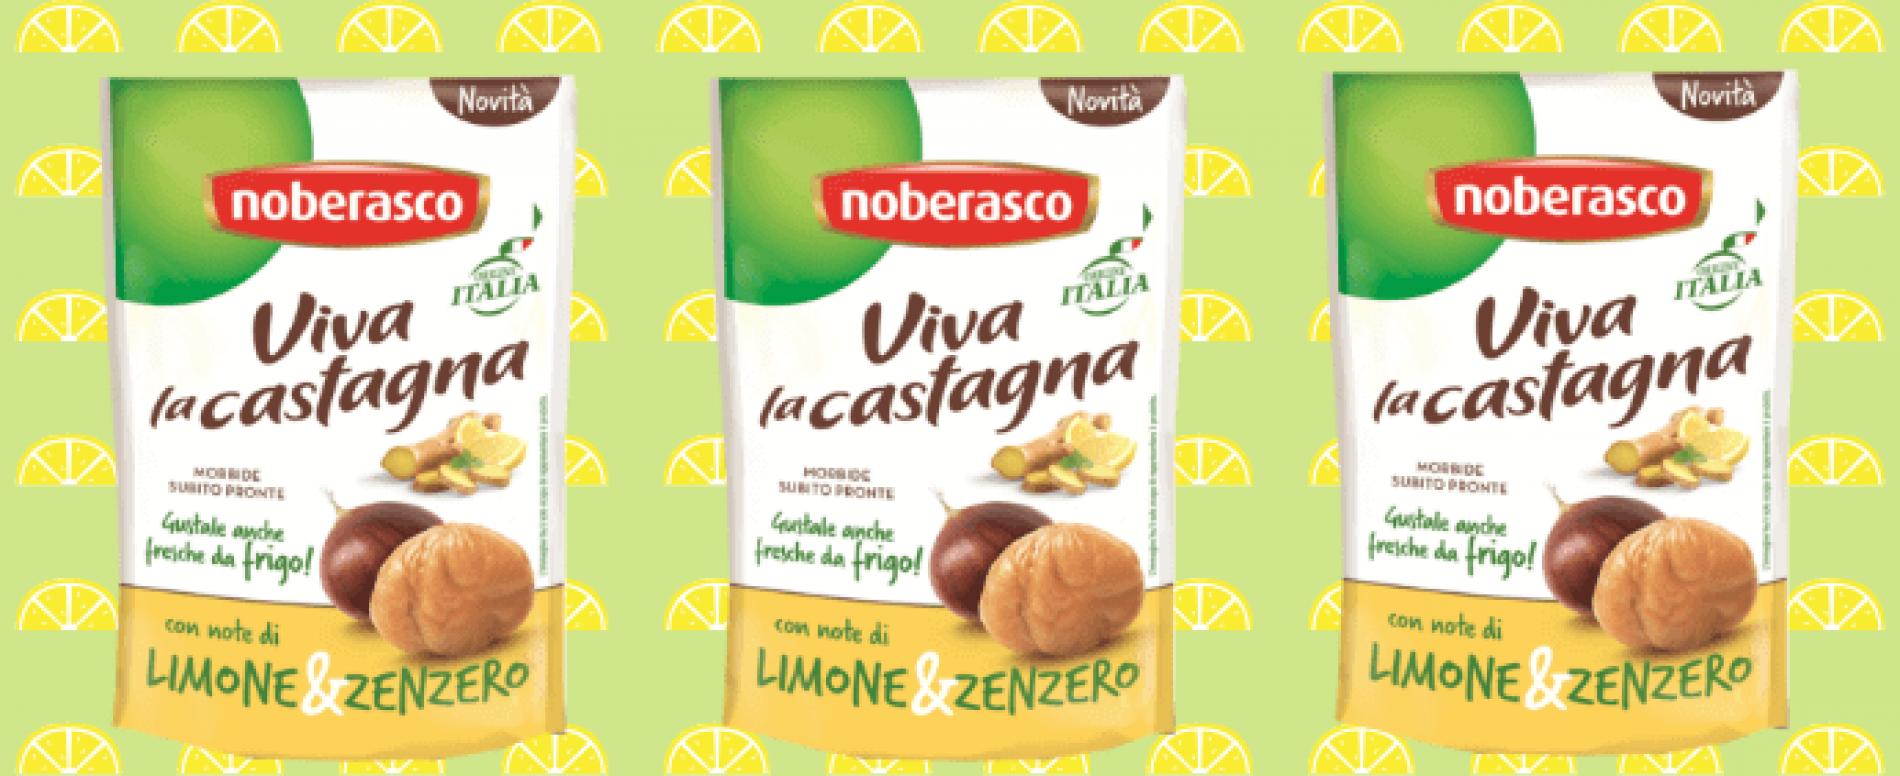 Noberasco trasforma le castagne in uno snack estivo